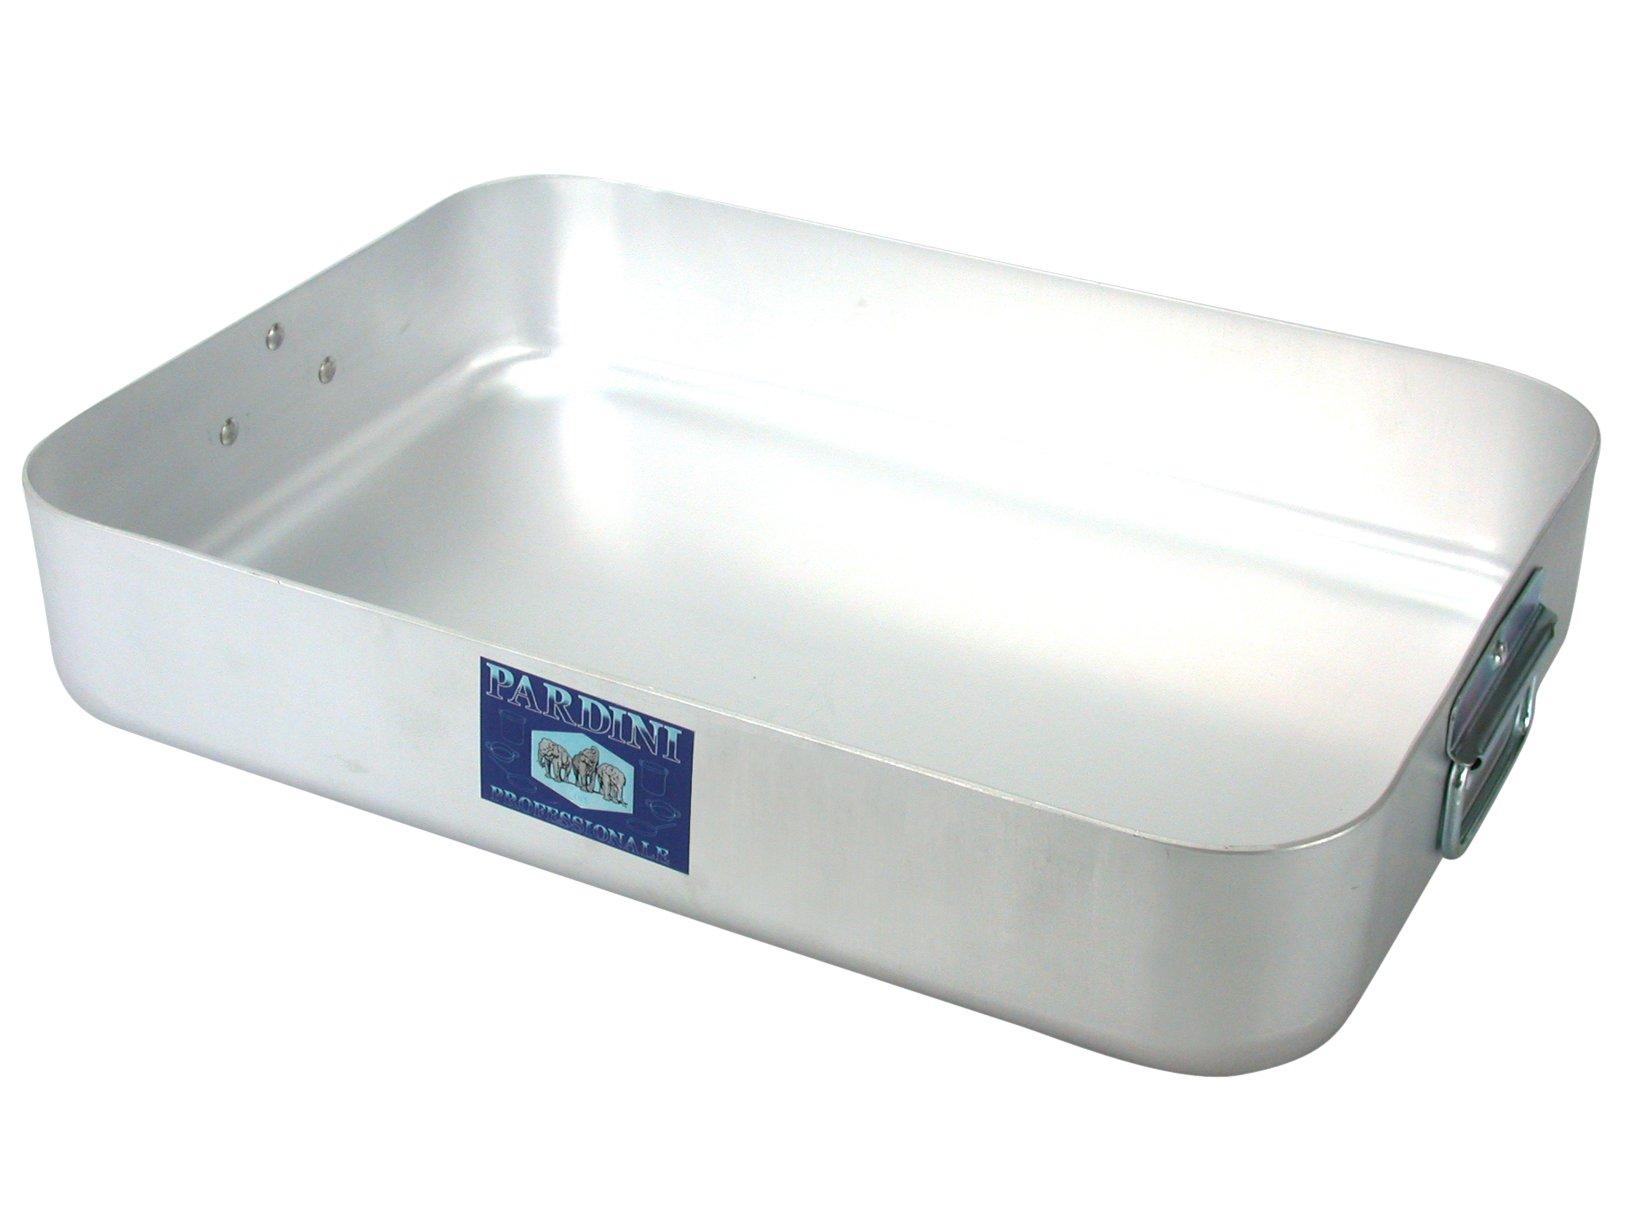 PARDINI Omnia Deep Roasting Dish, Aluminium, Grey, 70 cm